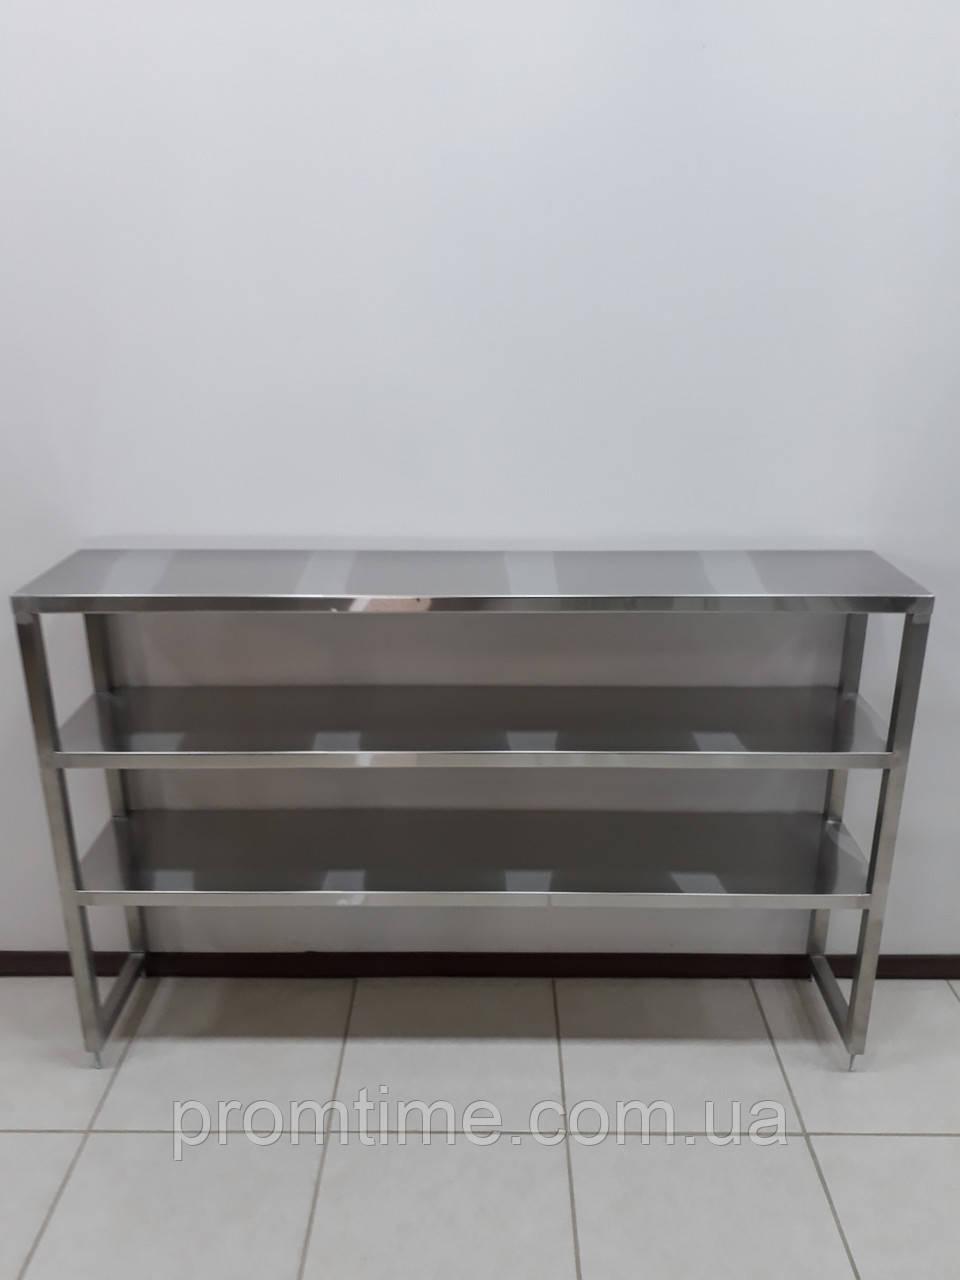 Надстройка трехуровневая 1500х300х900